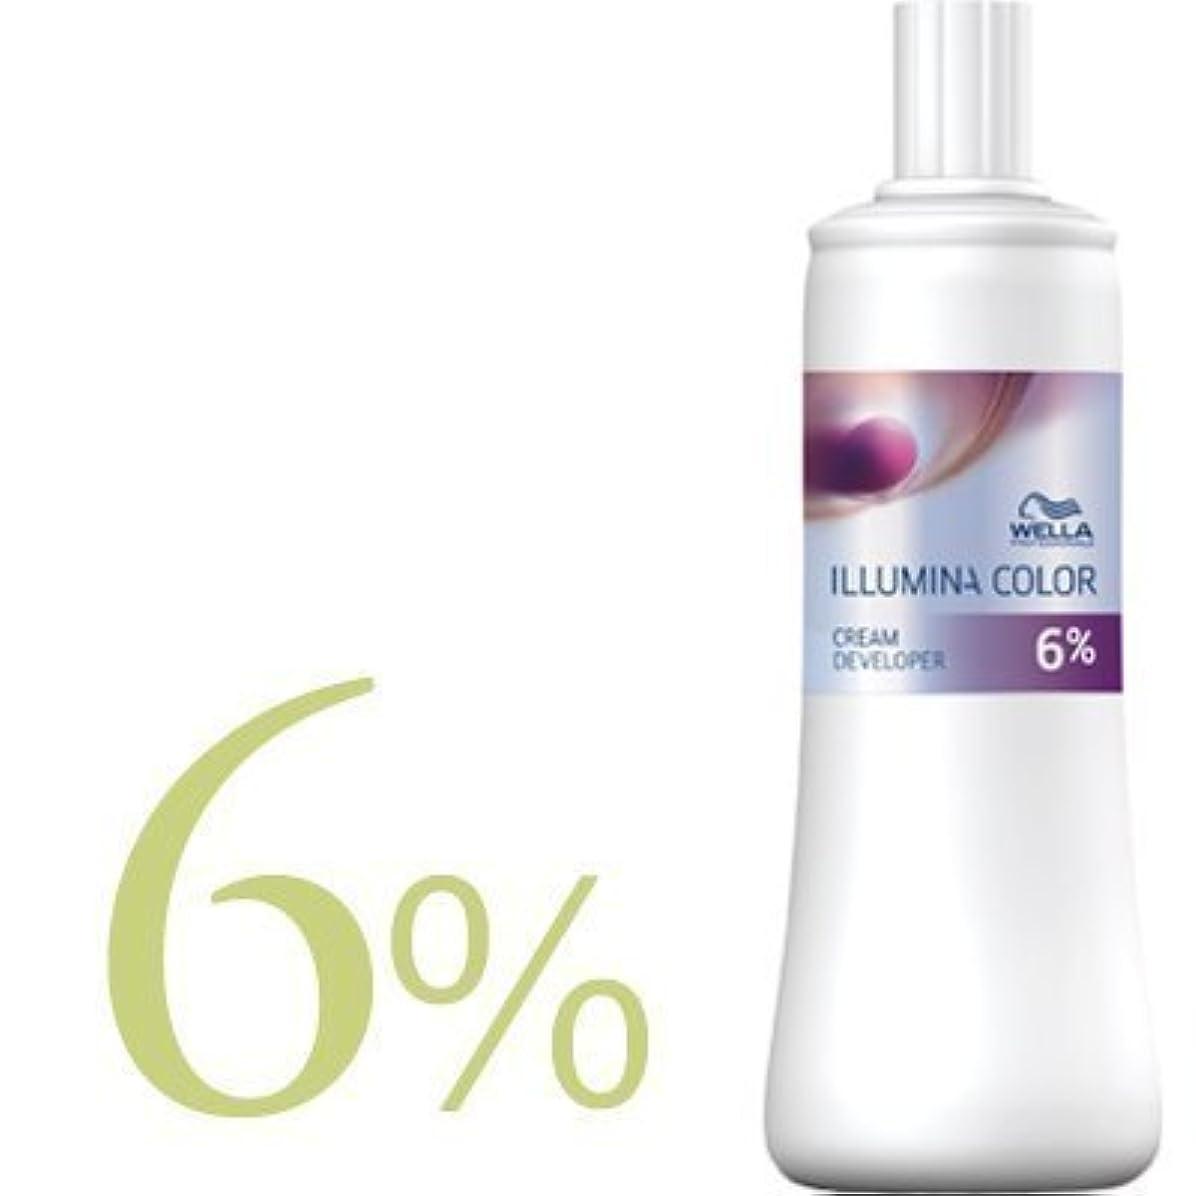 変装した意欲噴出するウエラ イルミナカラー クリームディベロッパー 2剤 1000ml 【WELLA】(6%)